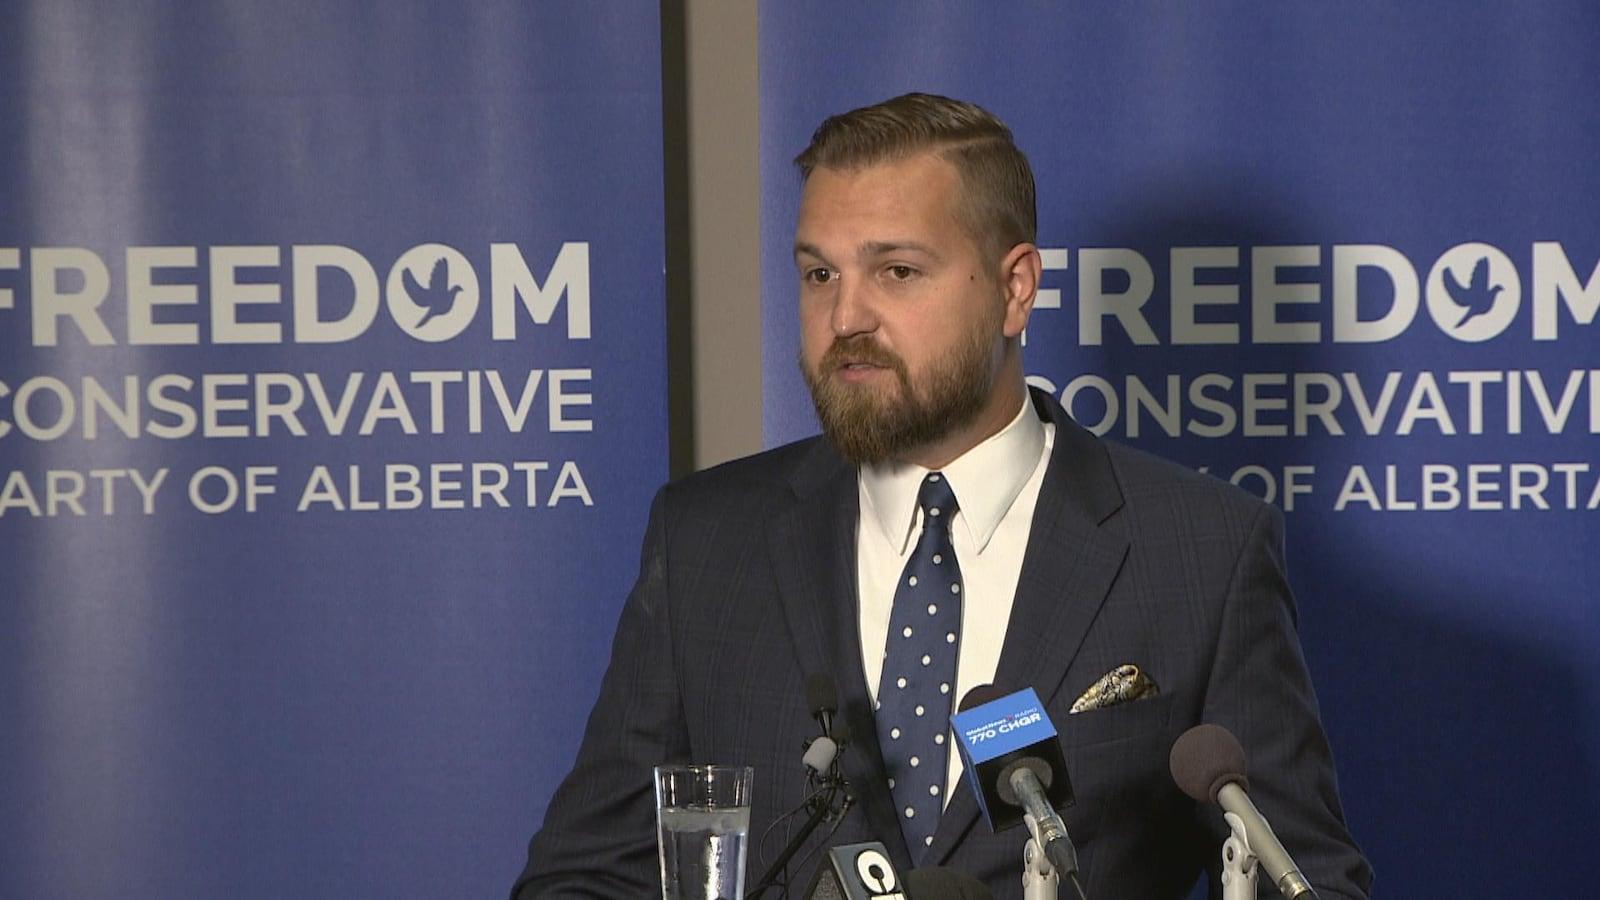 Un homme barbu en veston cravate est debout devant deux affiches où il est écrit en anglais : «Parti conservateur libre de l'Alberta ». Devant lui, plusieurs micros.